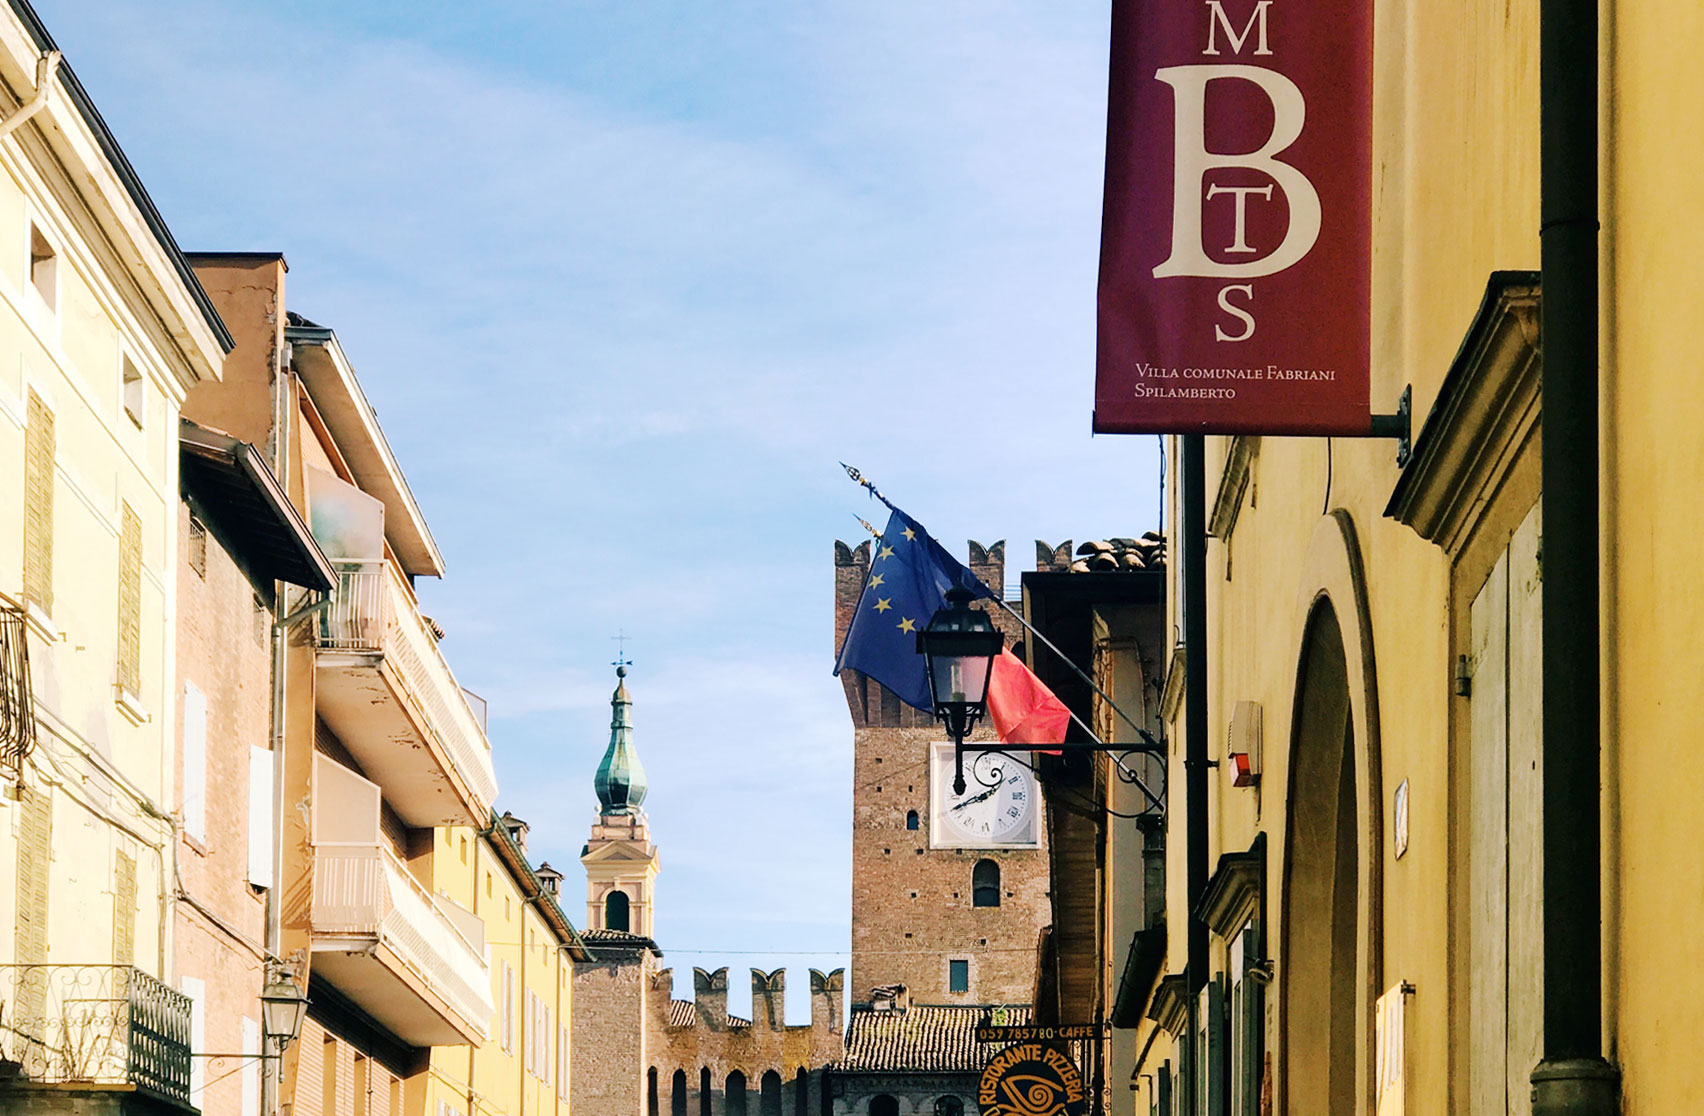 5 sfumature di Modena__Tour_Modena_Museo Aceto Balsamico Tradizionale Spilamberto